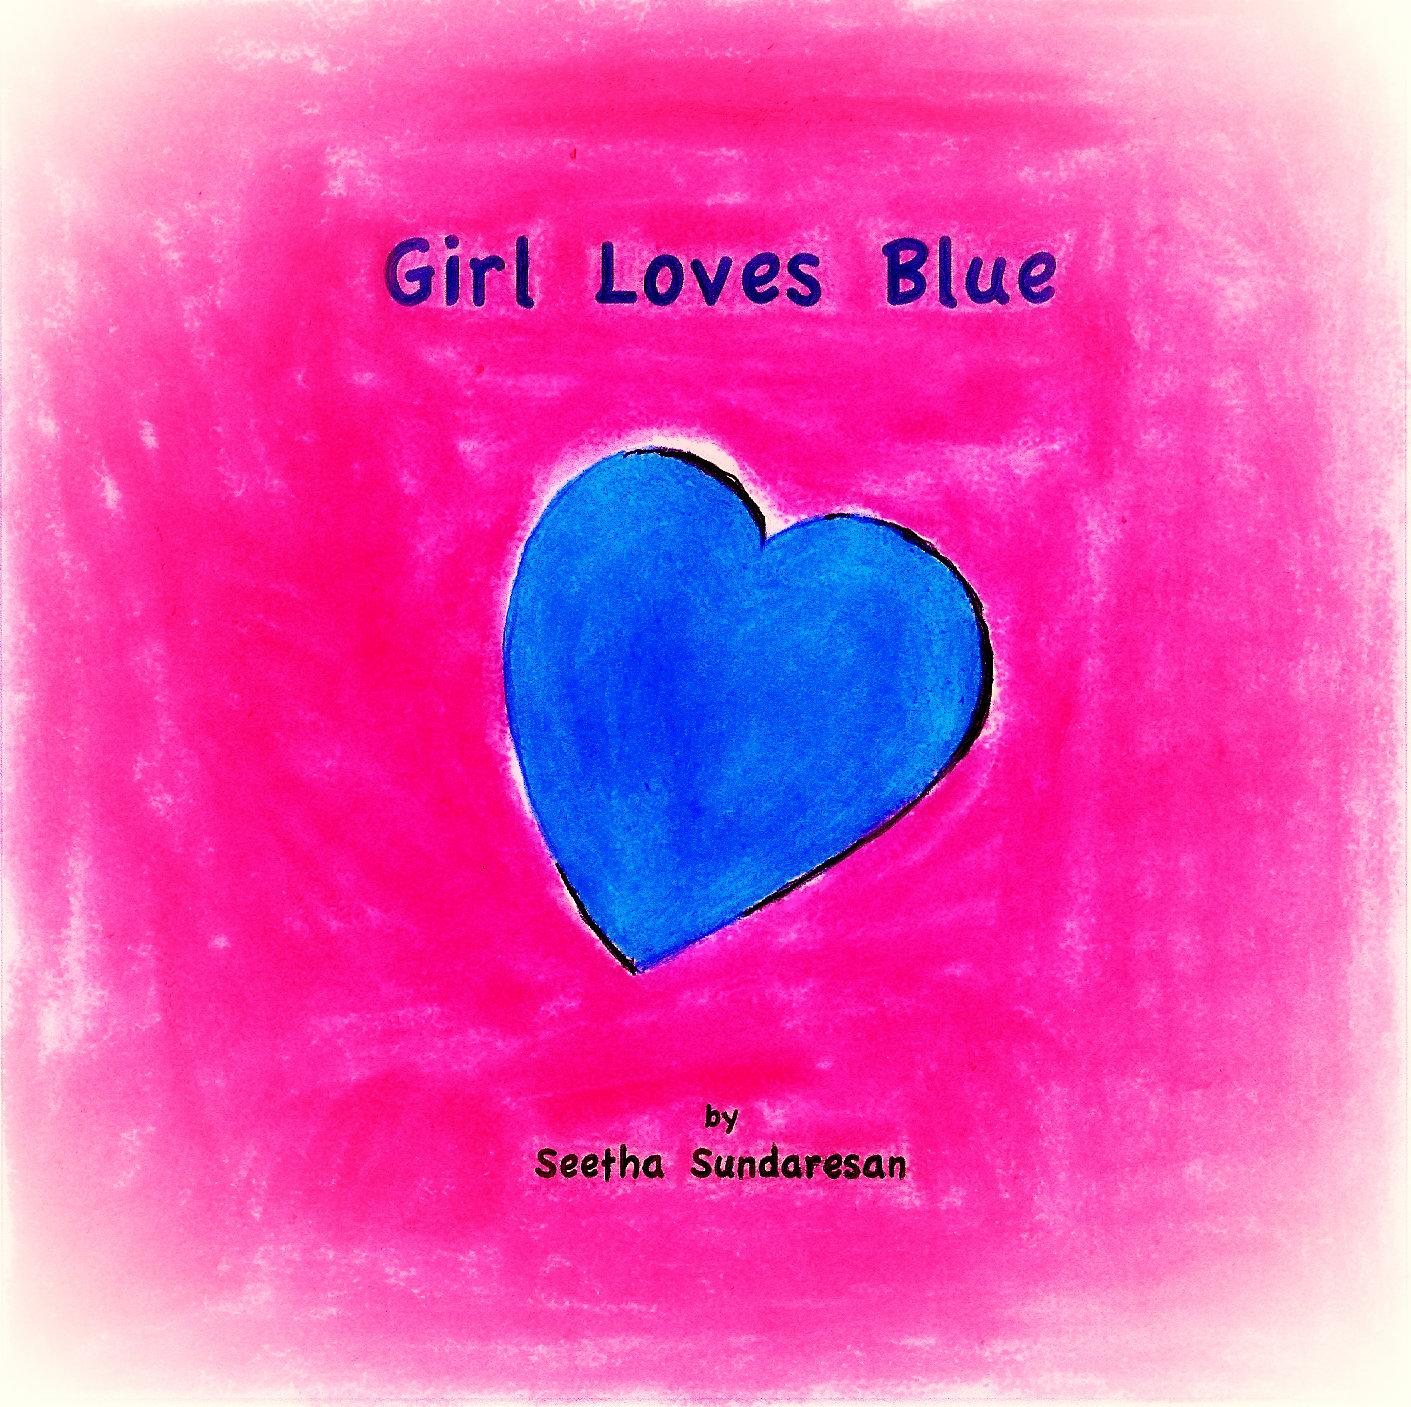 Girl loves blue front cover Final.jpg